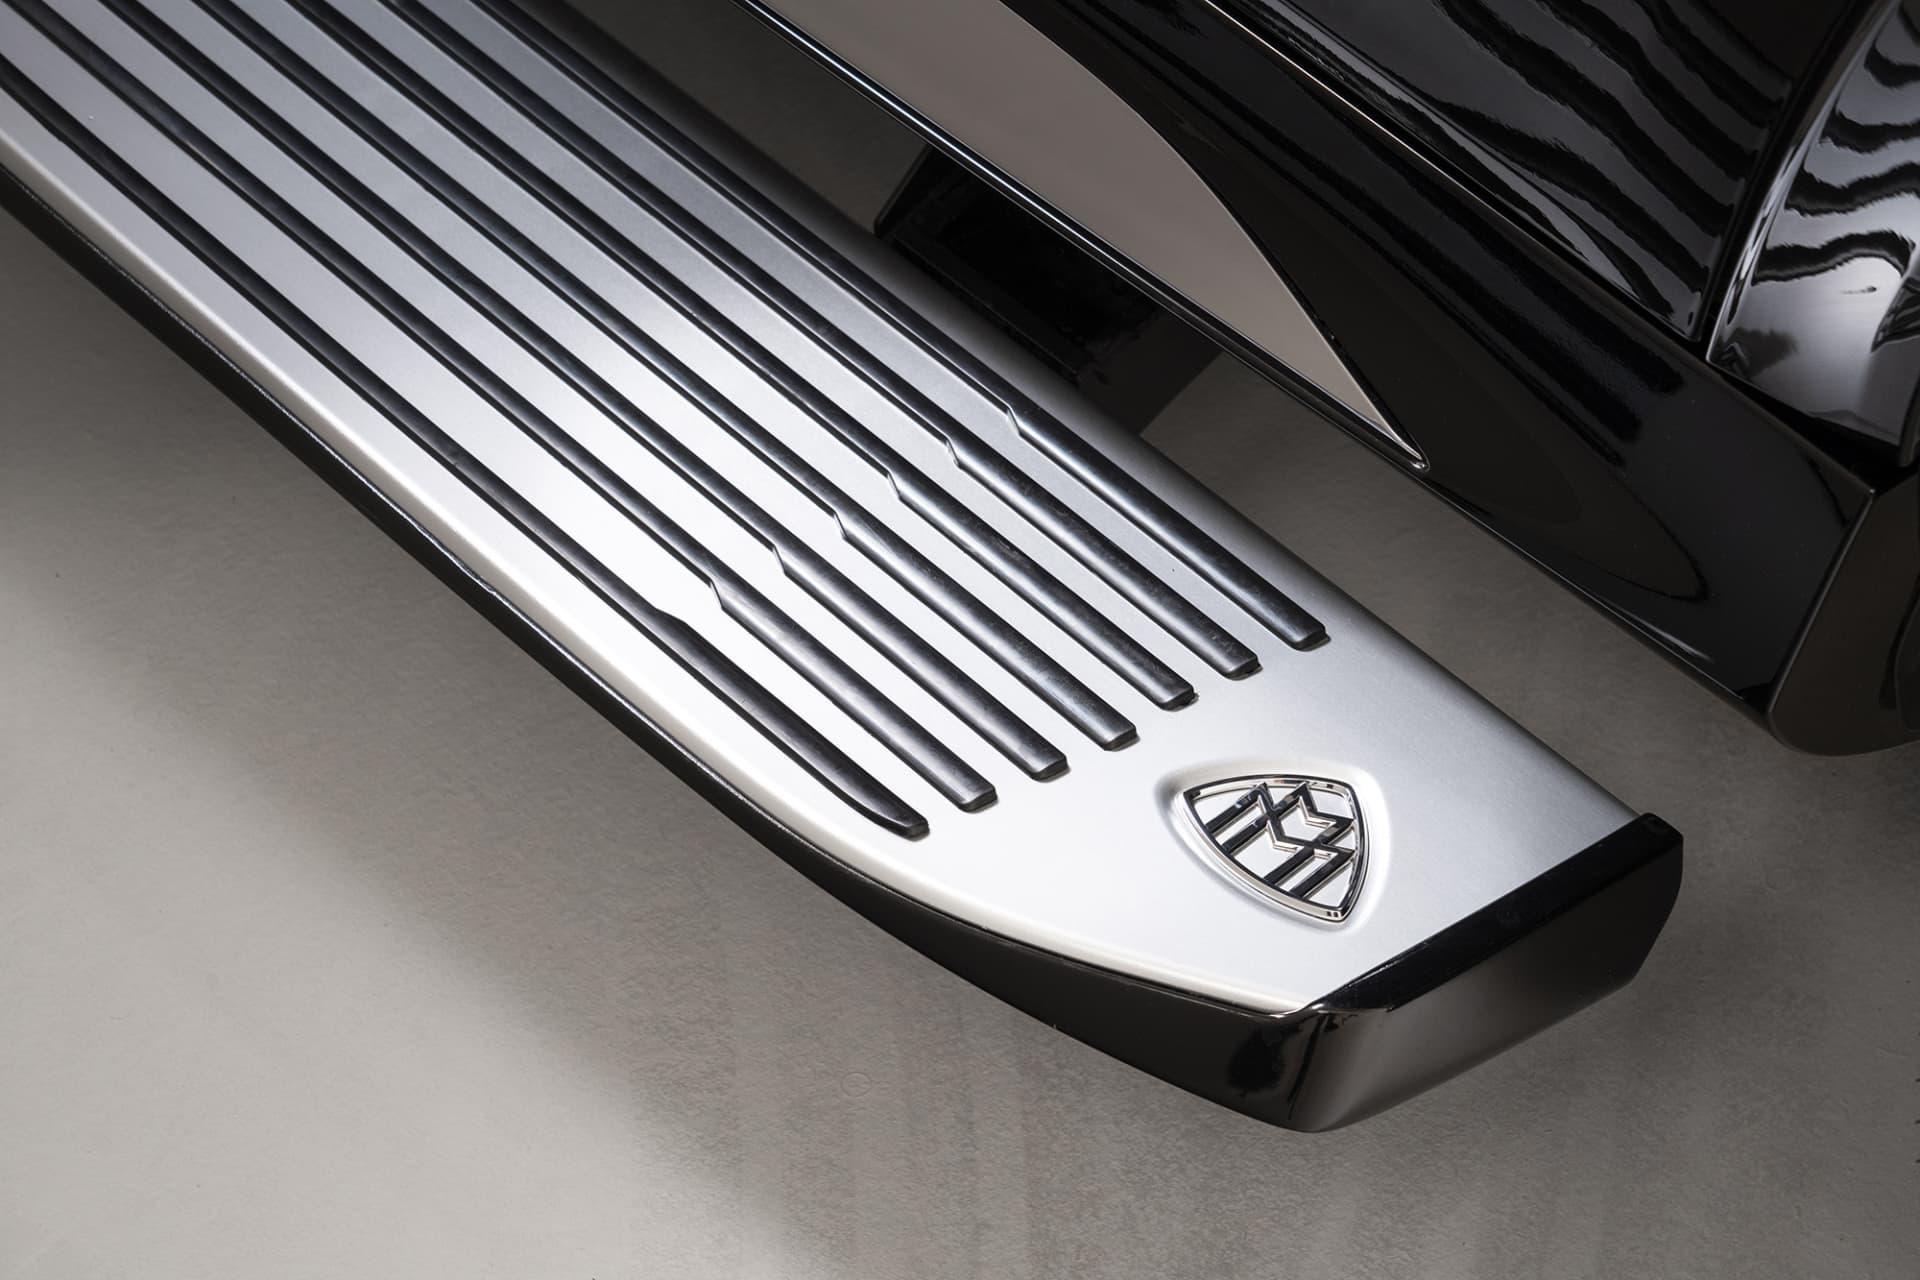 På det elektriskt utfällbara insteget finner man självklart det väl utnyttjade Maybach emblemet.